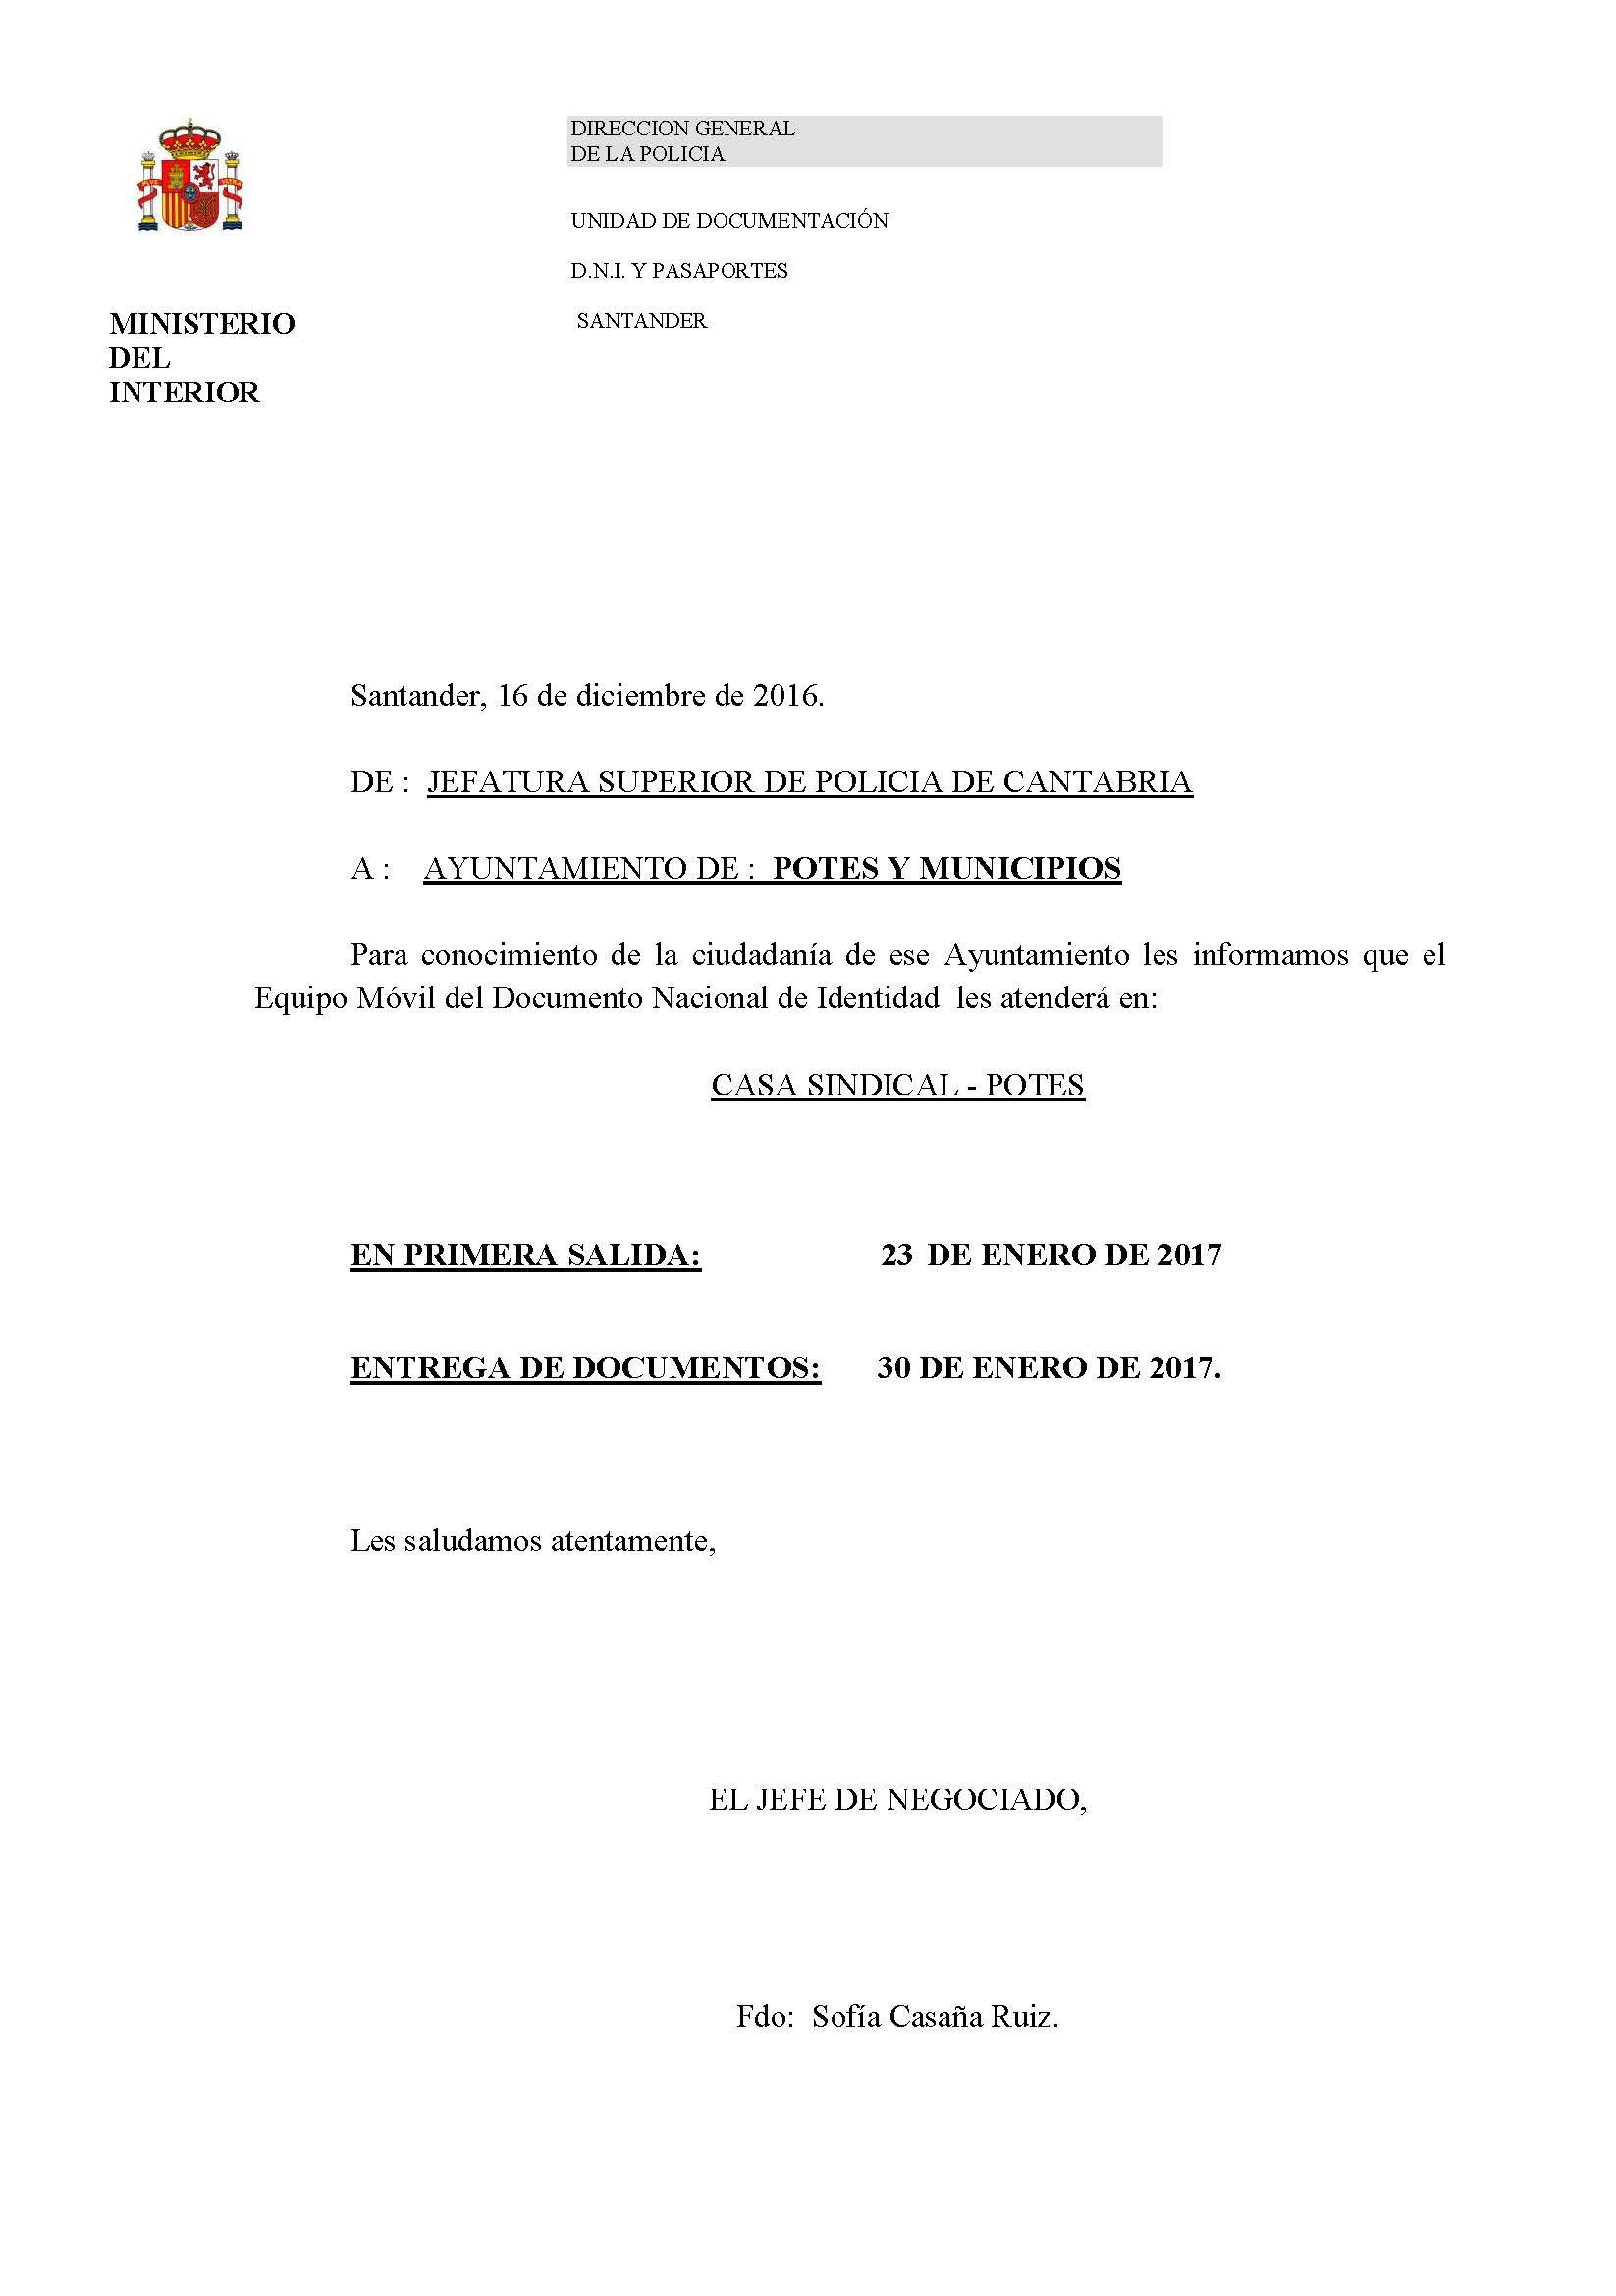 20161219-Equipo-Movil-del-Documento-Nacional-de-Identidad